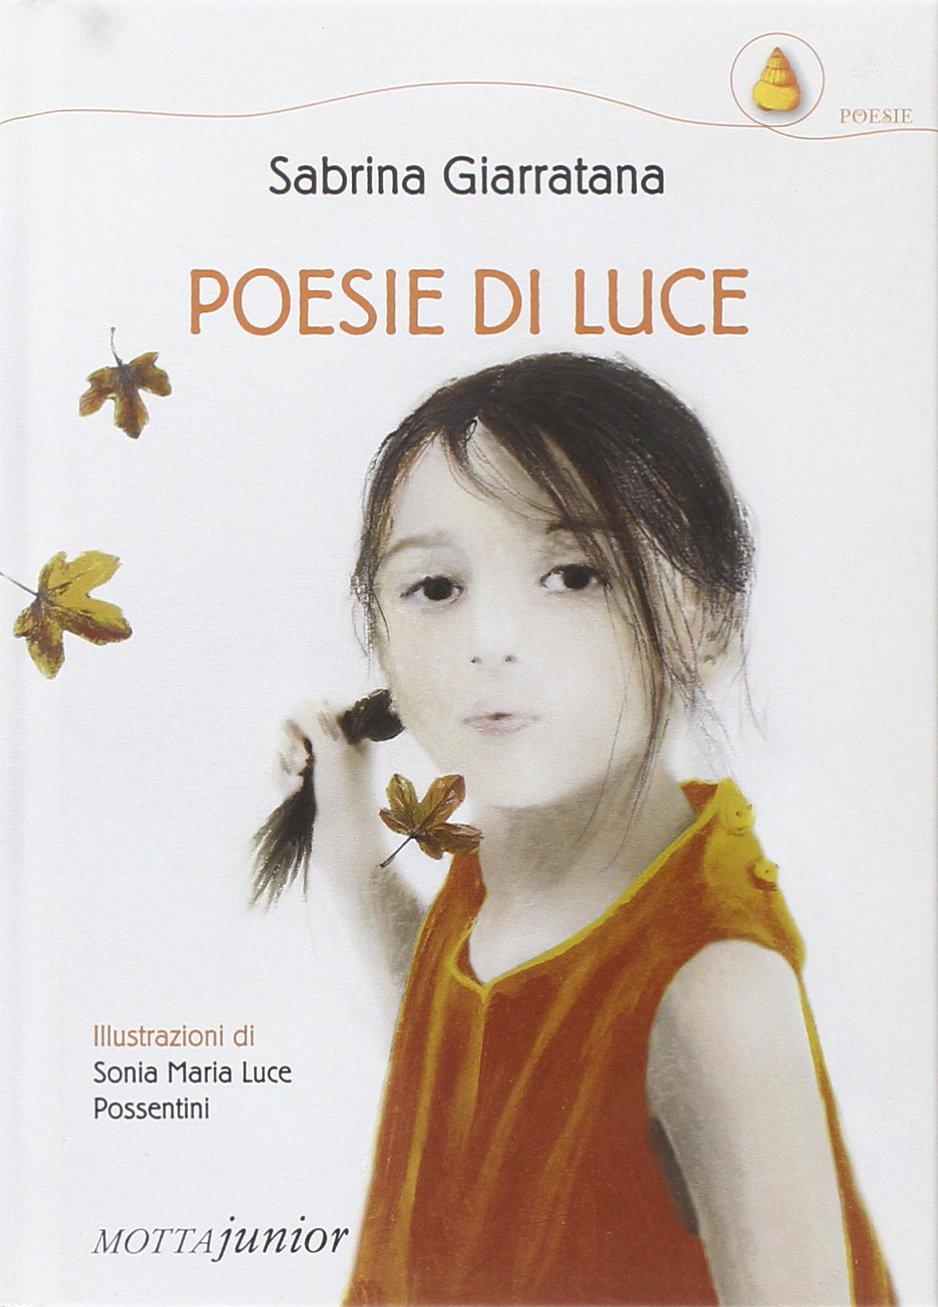 Poesie di Luce